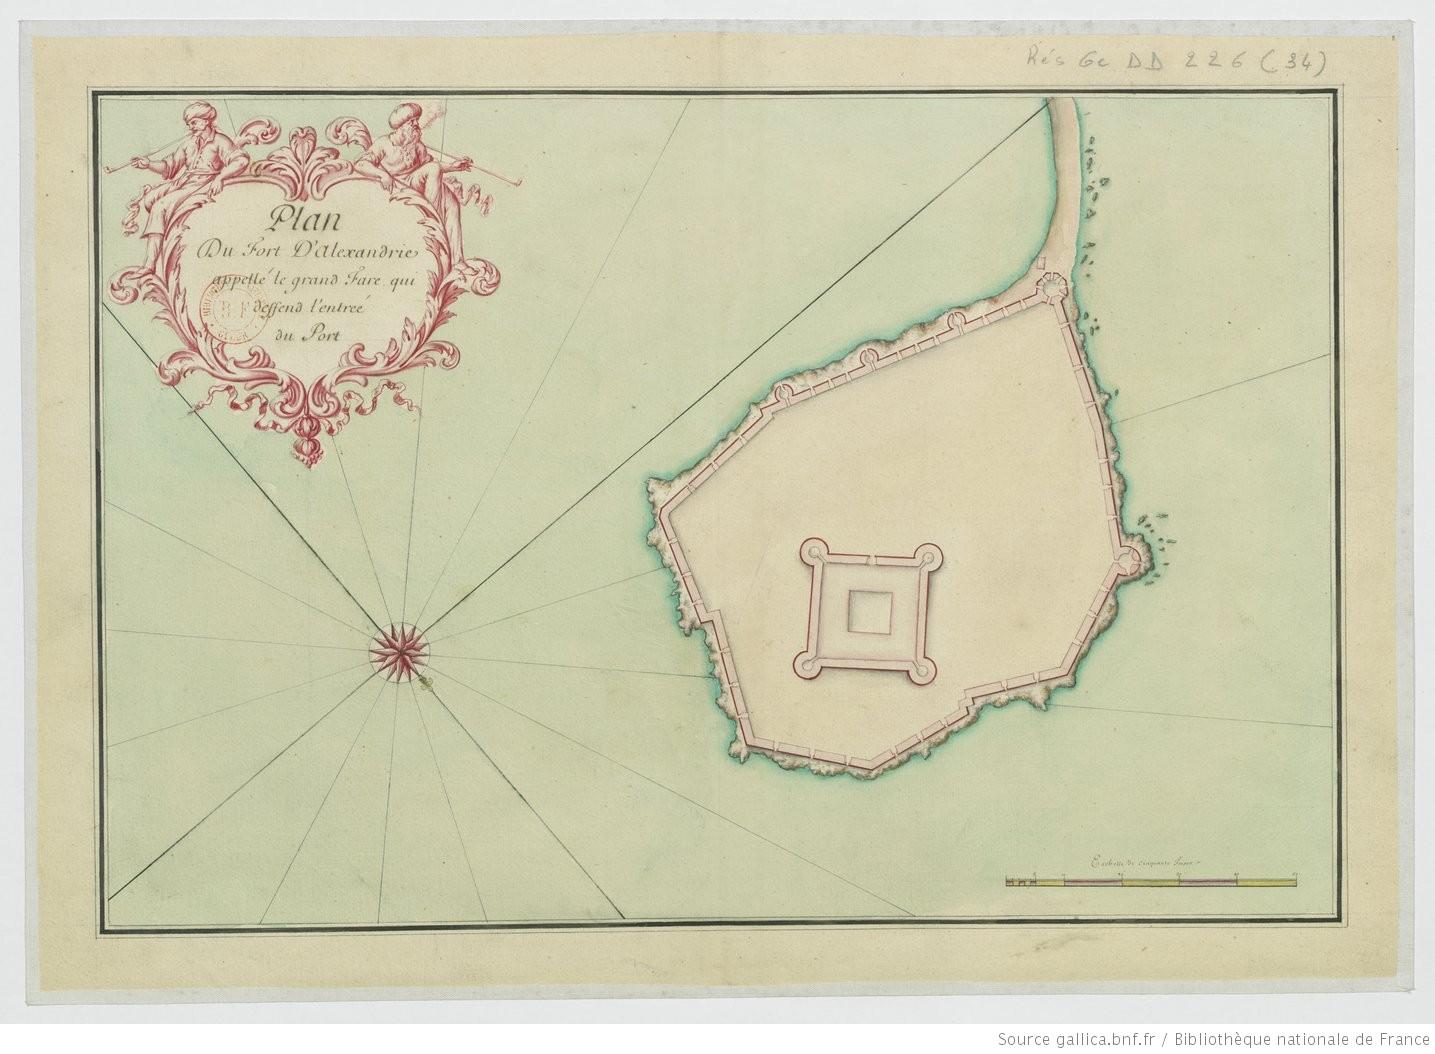 Plan_du_fort_d'Alexandrie_appellé_[...]Gravier_Étienne_btv1b55000013f_1